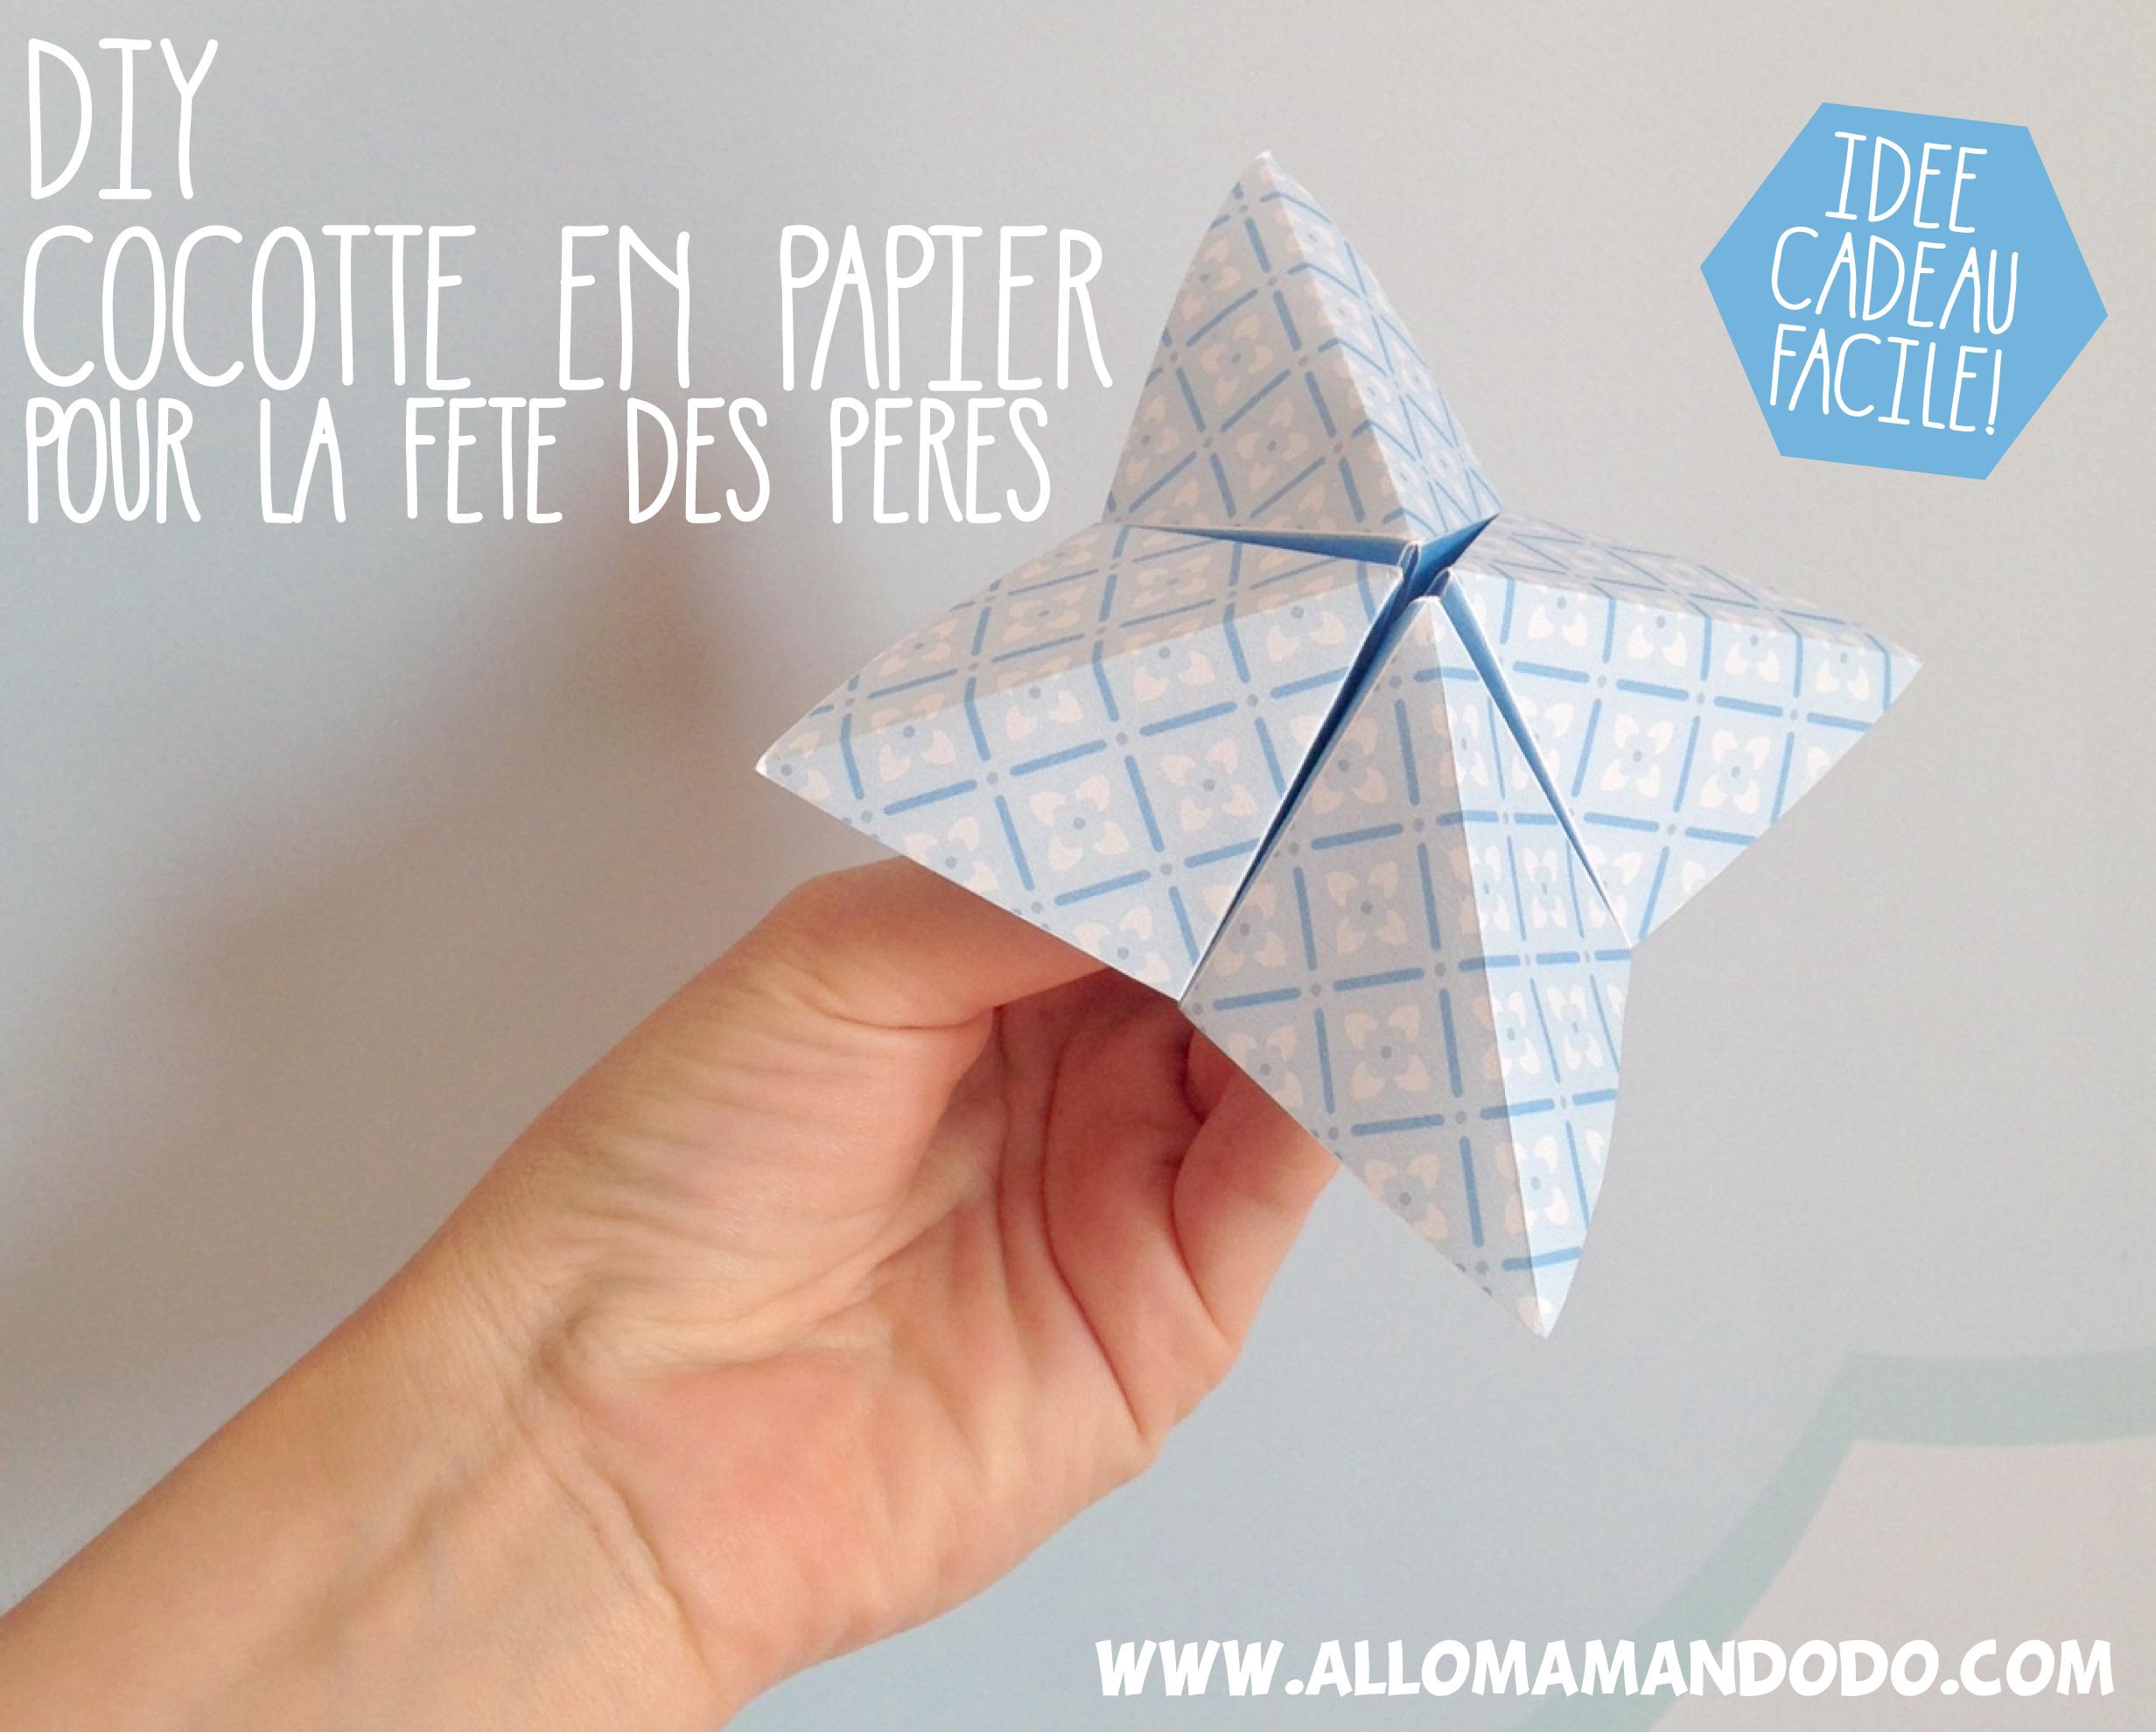 Chose A Faire Pour La Fete Des Pere diy cocotte en papier pour papa! (idée cadeau fête des pères